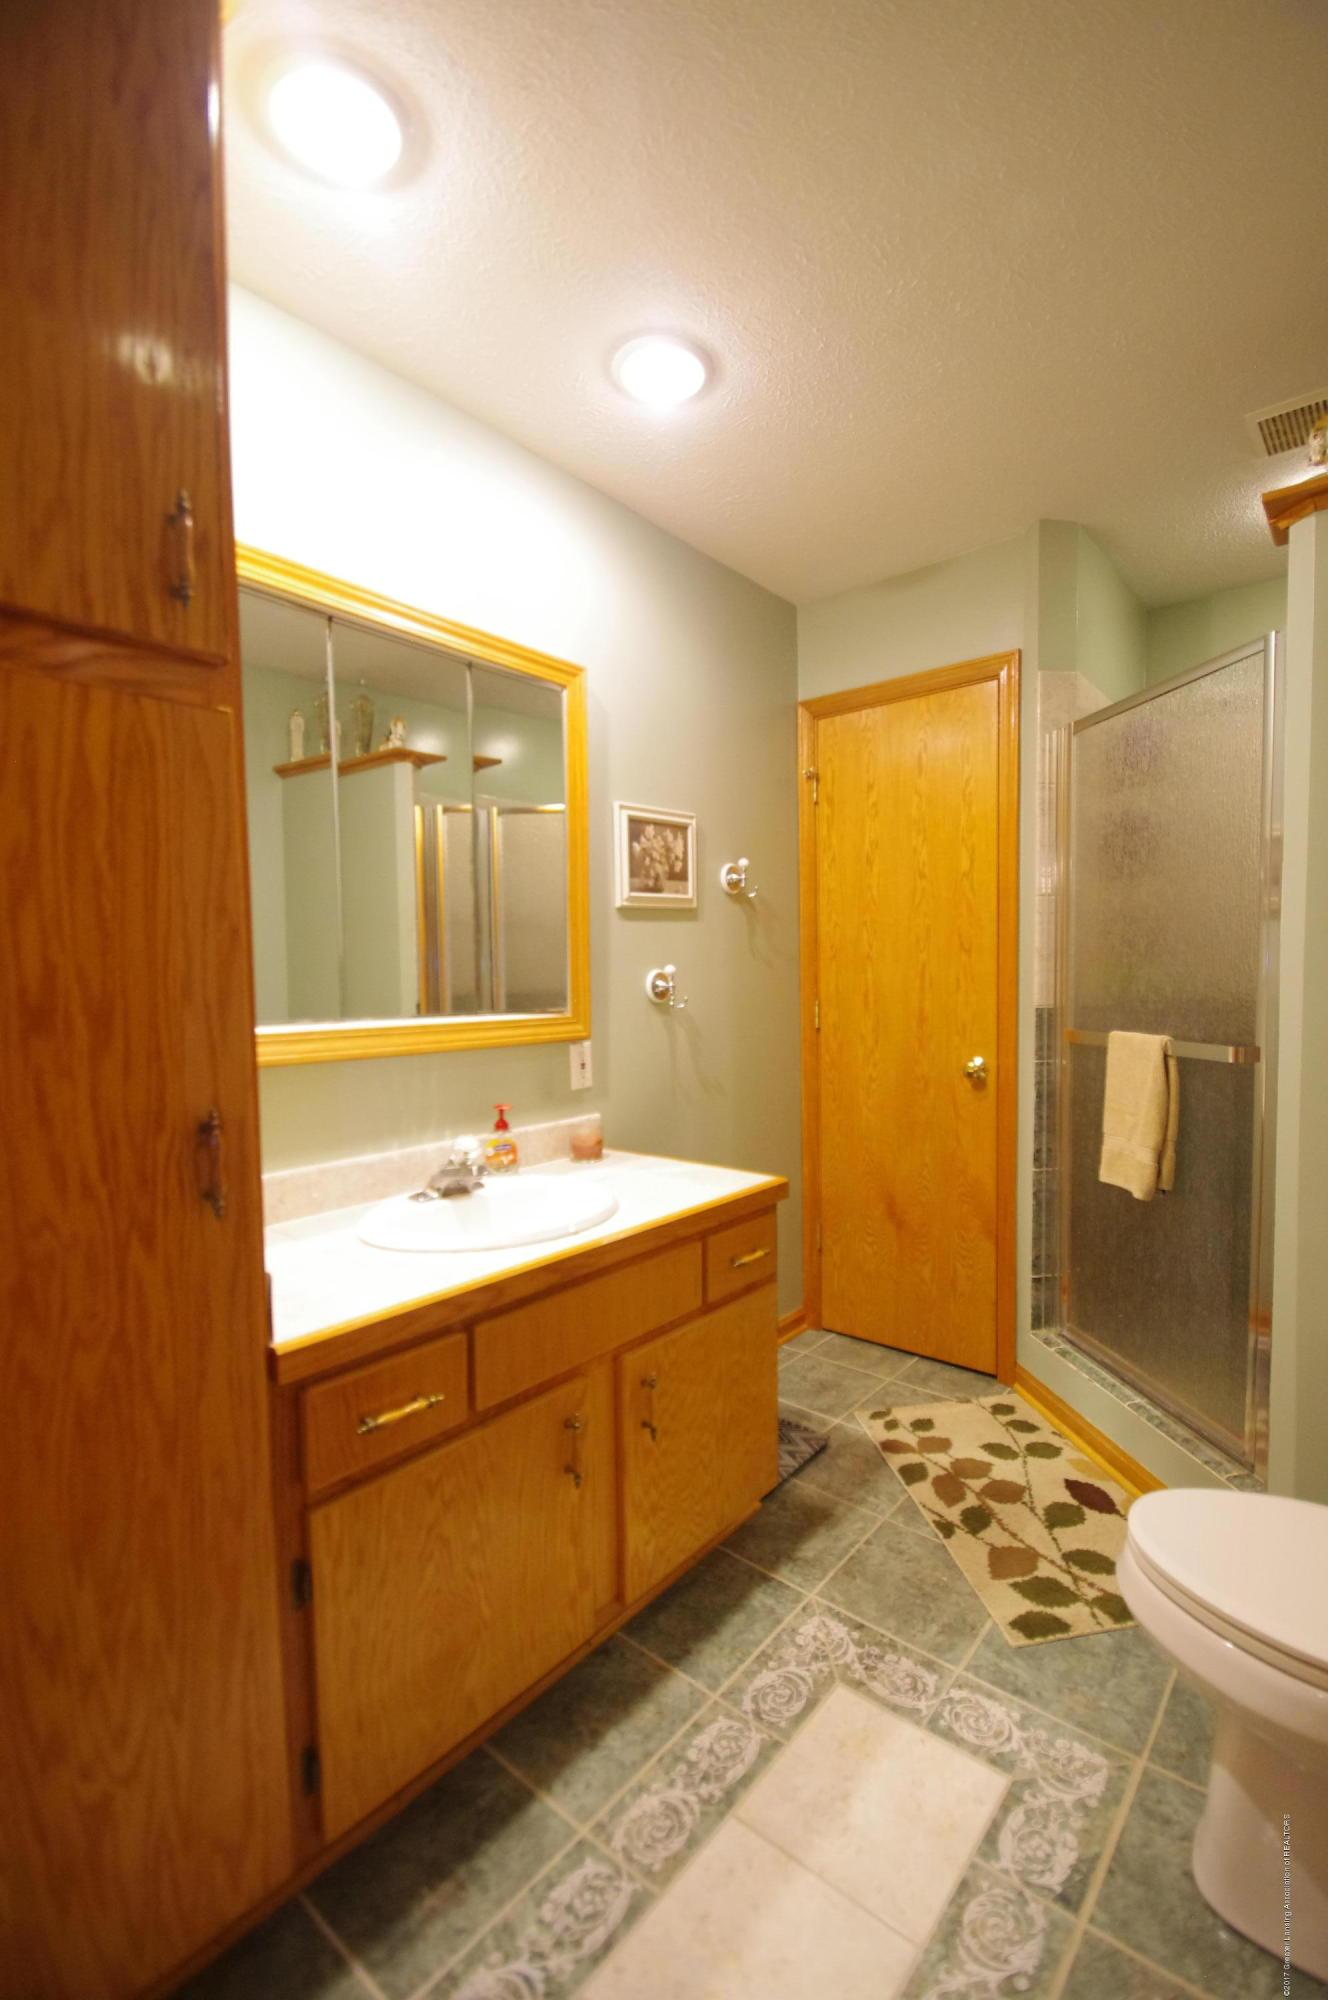 5545 S Krepps Rd - Full Bath - 27